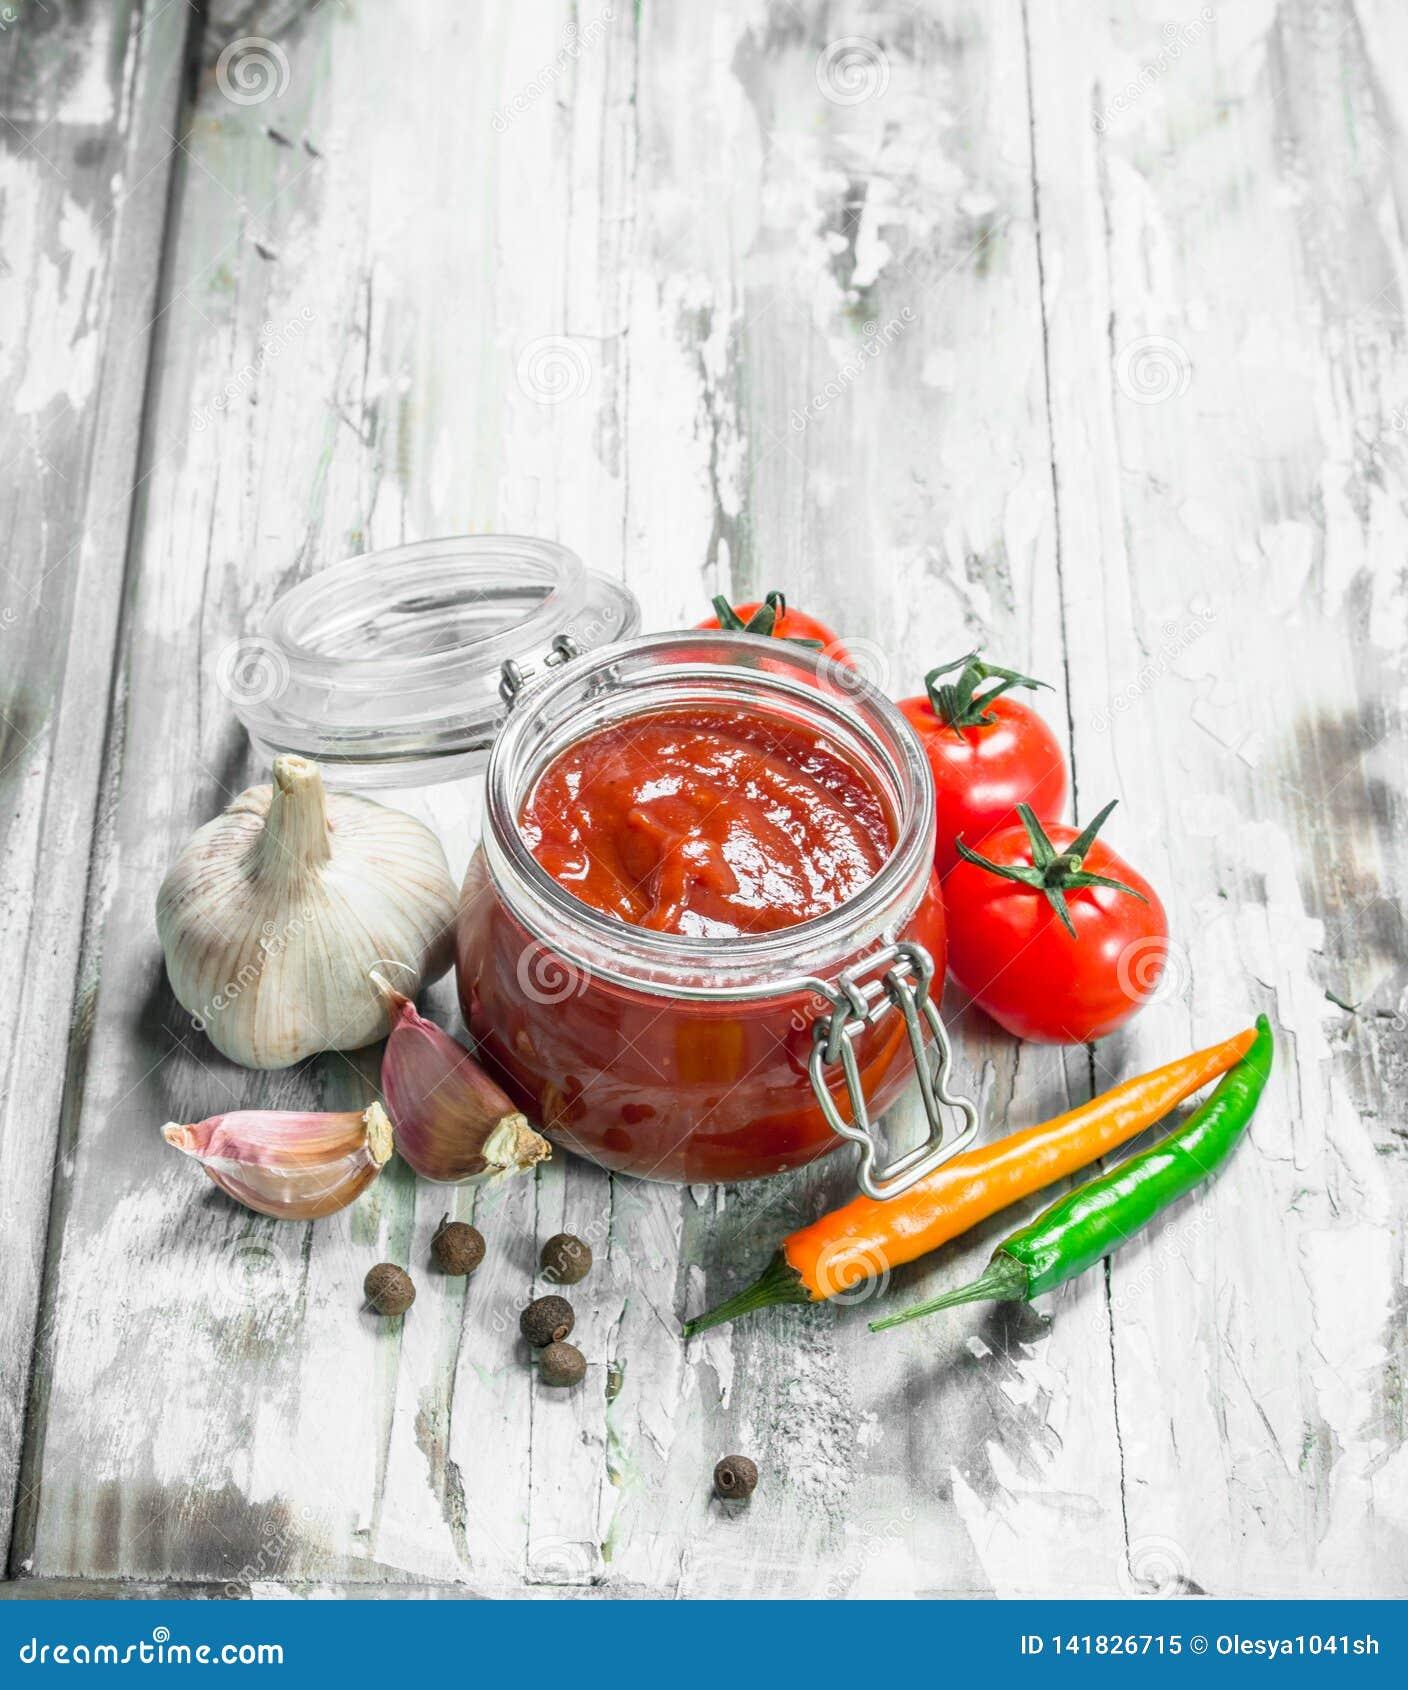 Tomate En Pot Conseil sauce tomate en pot et épices image stock - image du libre